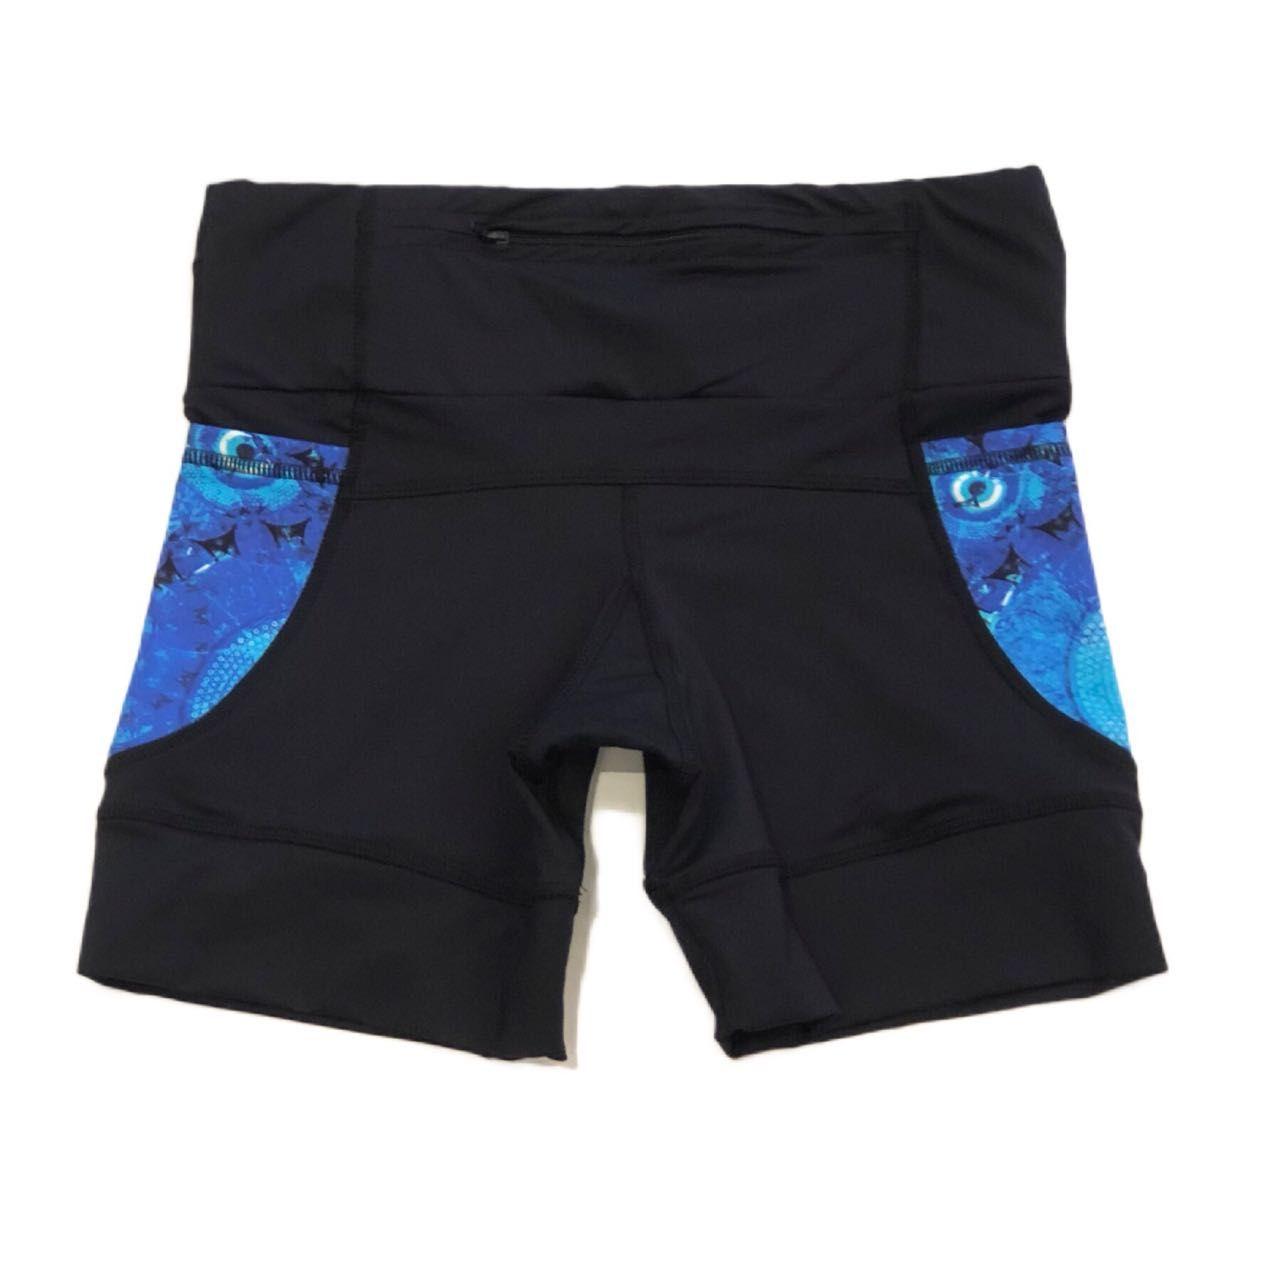 Shorts de compressão 1500 bolsos em compress preto com bolsos laterais estampa olho grego